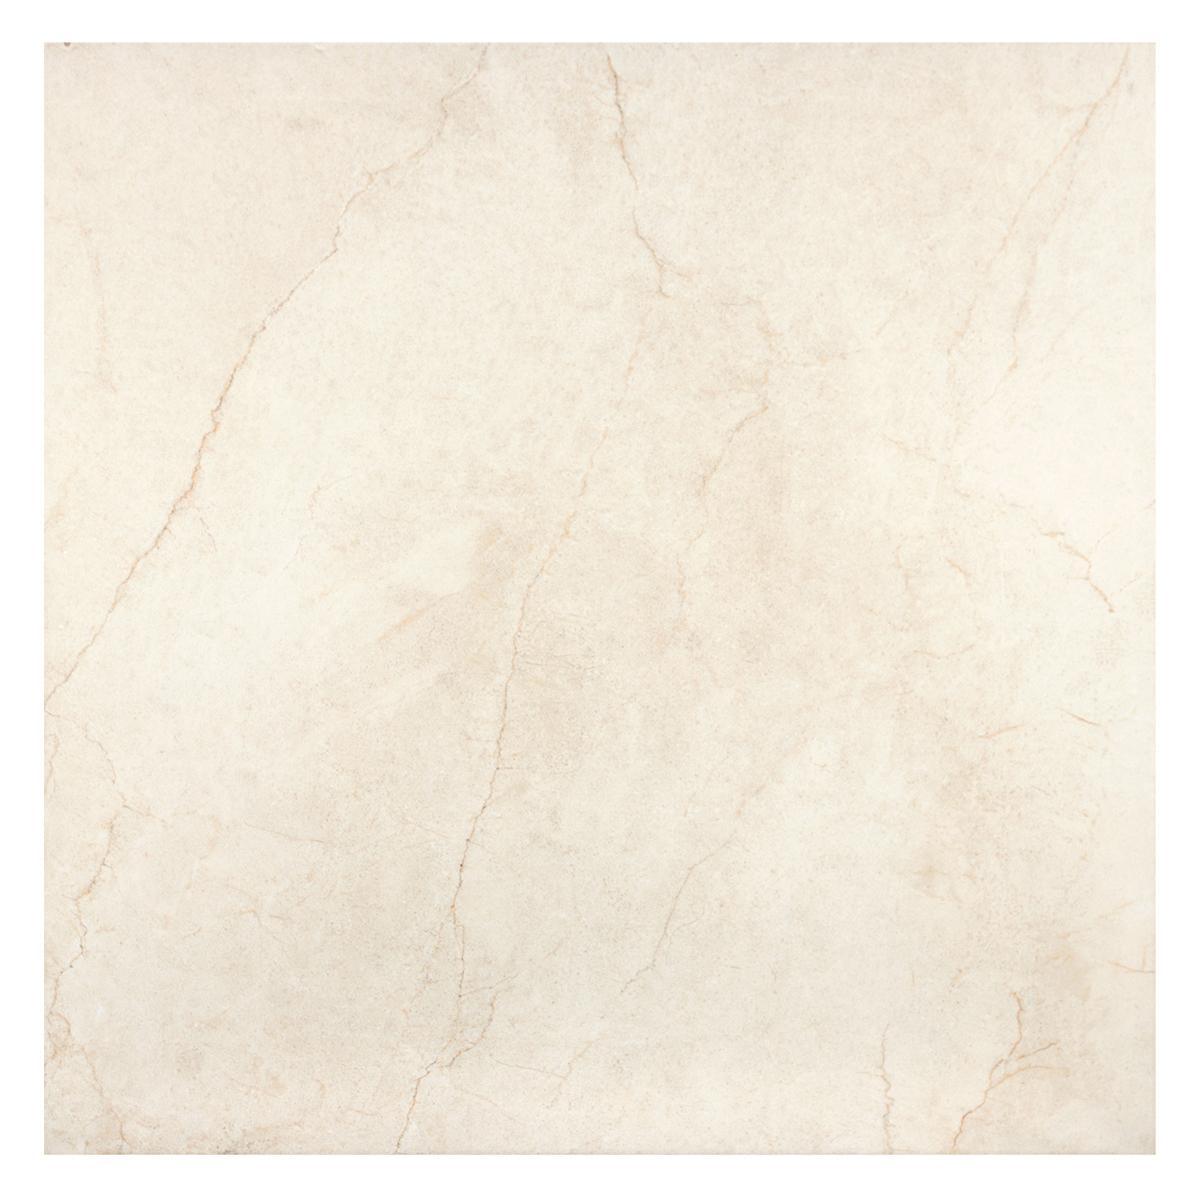 Porcelanato Intra Marfil Brillante - 60X60 cm - 1.44 m2